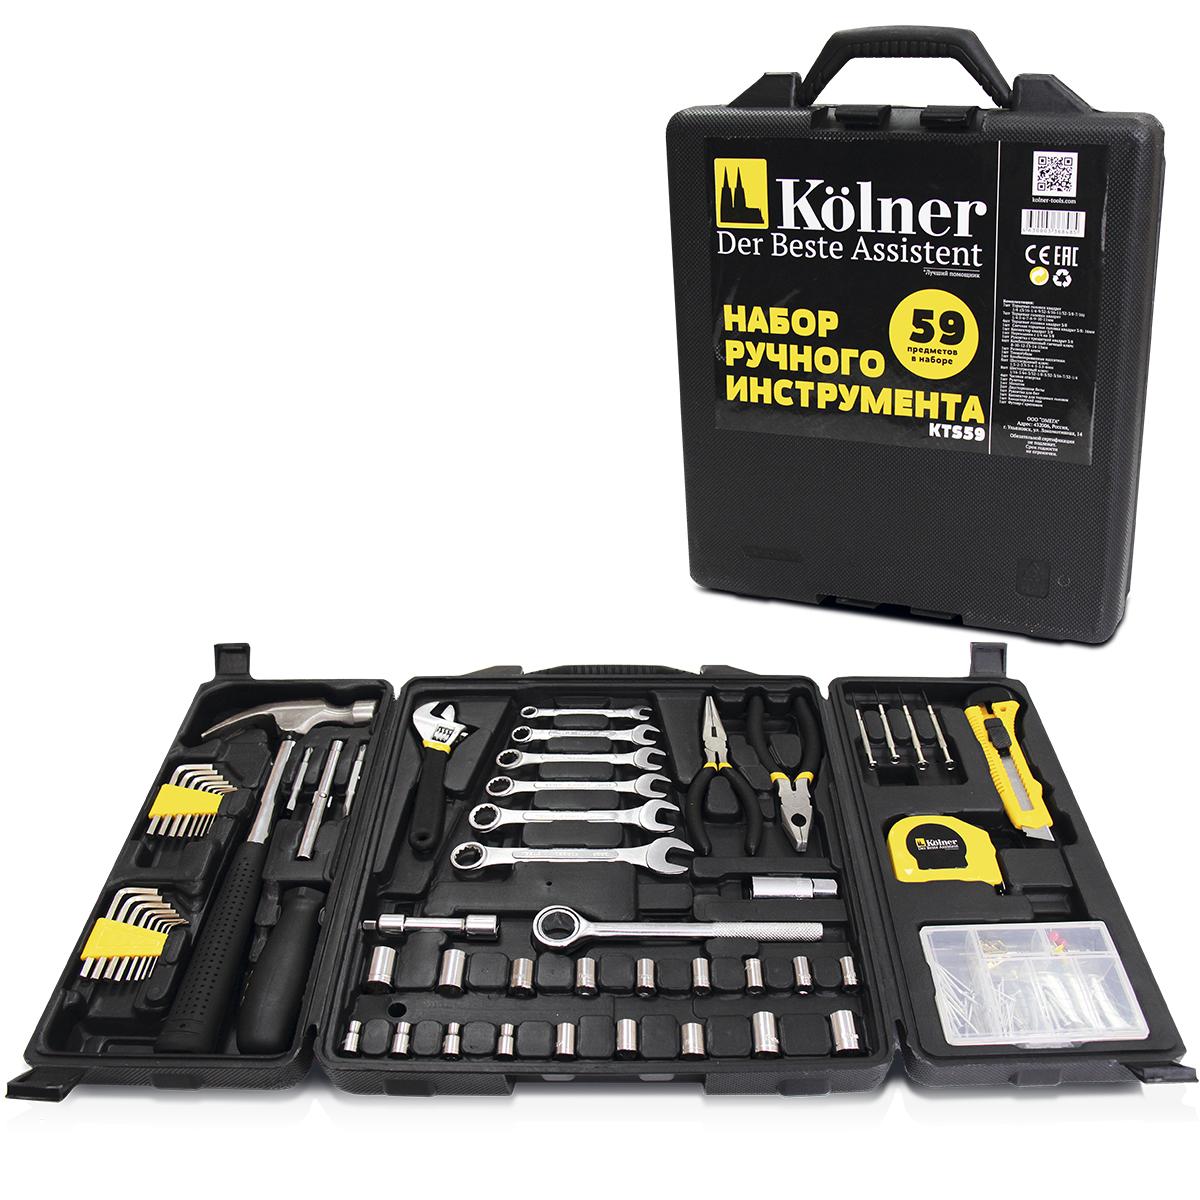 Набор инструментов Kolner KTS, 59 предметовкн59ктсНабор Kolner KTS содержит все необходимые инструментыдля выполнения любых слесарных работ. Инструменты изготовлены из высококачественнойхромованадиевой стали и закалены, благодаря чему имеютбольшой срок эксплуатации.Рукоятки инструментов обеспечивают комфорт во времяработы, не утомляют и не натирают руку. Универсальный набор инструментов поставляется в кейсе,который удобно взять с собой или хранить в кладовке.Комплектация:- Шестигранный ключ - 8 шт: 1,5/2/2,5/3/4/5/5,5/6 мм. - Шестигранный ключ - 8 шт: 1/16; 5/64; 3/32; 1/8; 5/32; 13/64;7/32; 15/64.- Изолента. - Двухсторонние биты: 2 шт. - Комбинированный гаечный ключ - 6 шт: 8/10/12/13/14/17 мм.- Тонкогубцы. - Рукоятка для бит.- Переходник с 3/8 на 1/4. - Удлинитель х3 для торцевой головки квадрат 3/8. - Свечная торцевая головка 3/8 16 мм. - Отвертка: 2 шт.- Торцевые головки квадрат - 4 шт: 3/8-13,14 мм; 9/16; 1/2.- Молоток-гвоздодер.- Рукоятка с трещеткой квадрат 3/8.- Канцелярский нож. - Комбинированные пассатижи.- Часовая отвертка: 4 шт. - Рулетка: 3 м. - Торцевые головки квадрат - 14 шт: 1/4, 3/16-5, 6 мм; 1/4-8, 7мм; 9/32, 5/16, 1/32-9 мм; 3/8-10,11 мм; 7/16 . - Футляр с крепежом.